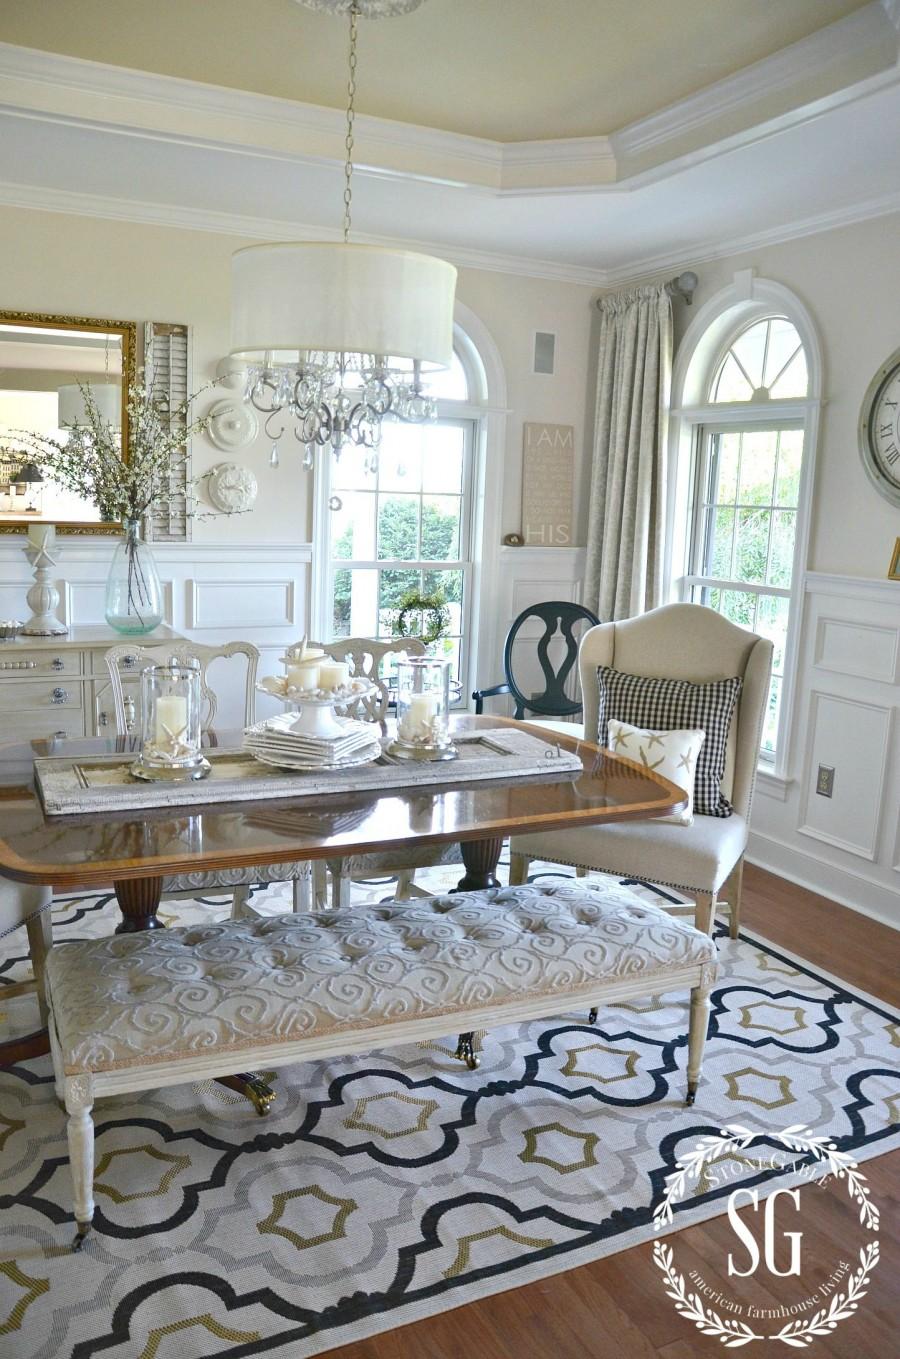 10 tips for decorating on a budget dining room makeover. Black Bedroom Furniture Sets. Home Design Ideas